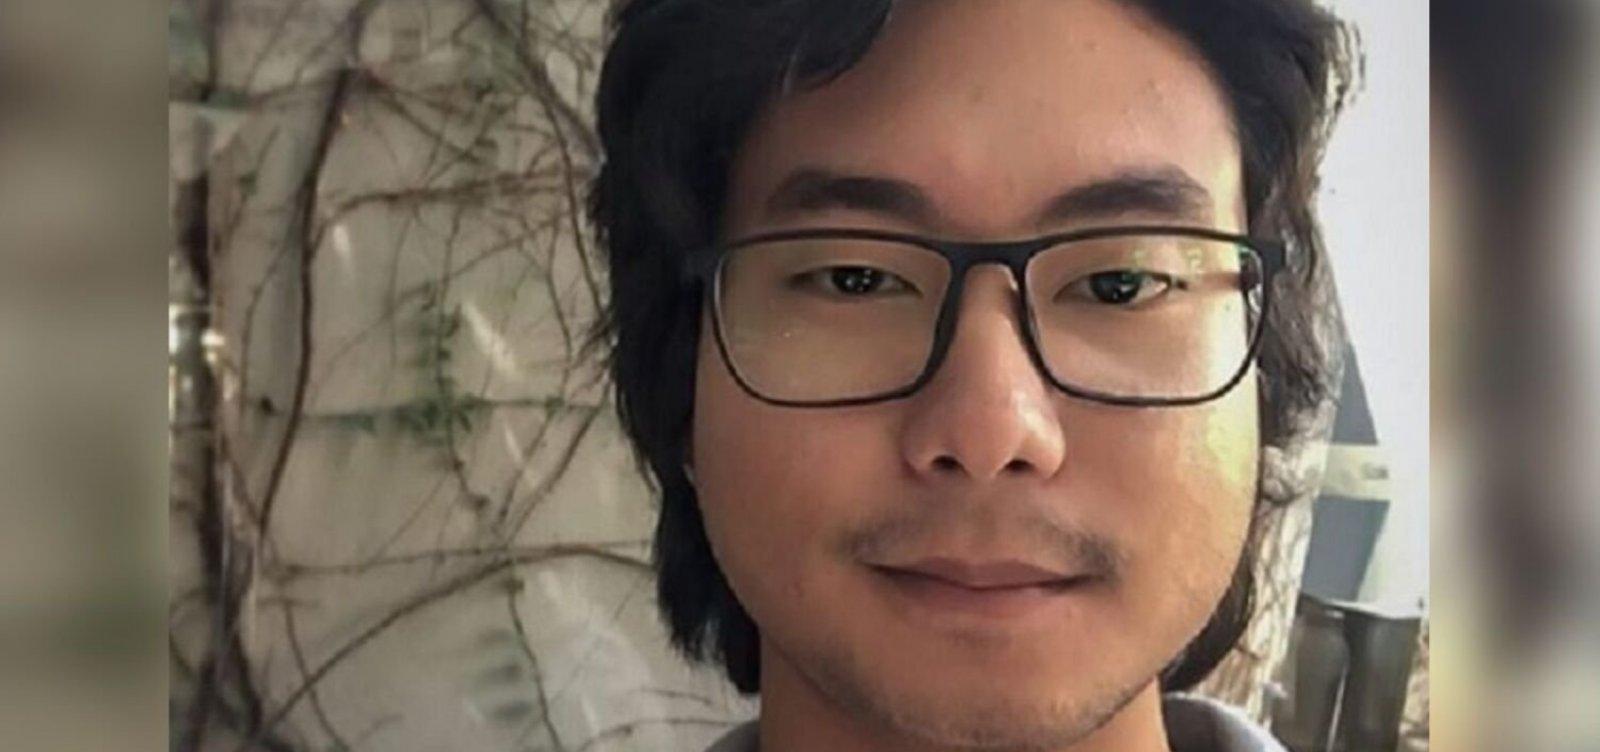 Juiz homologa delação de hacker que teria invadido celular de Moro e outras autoridades